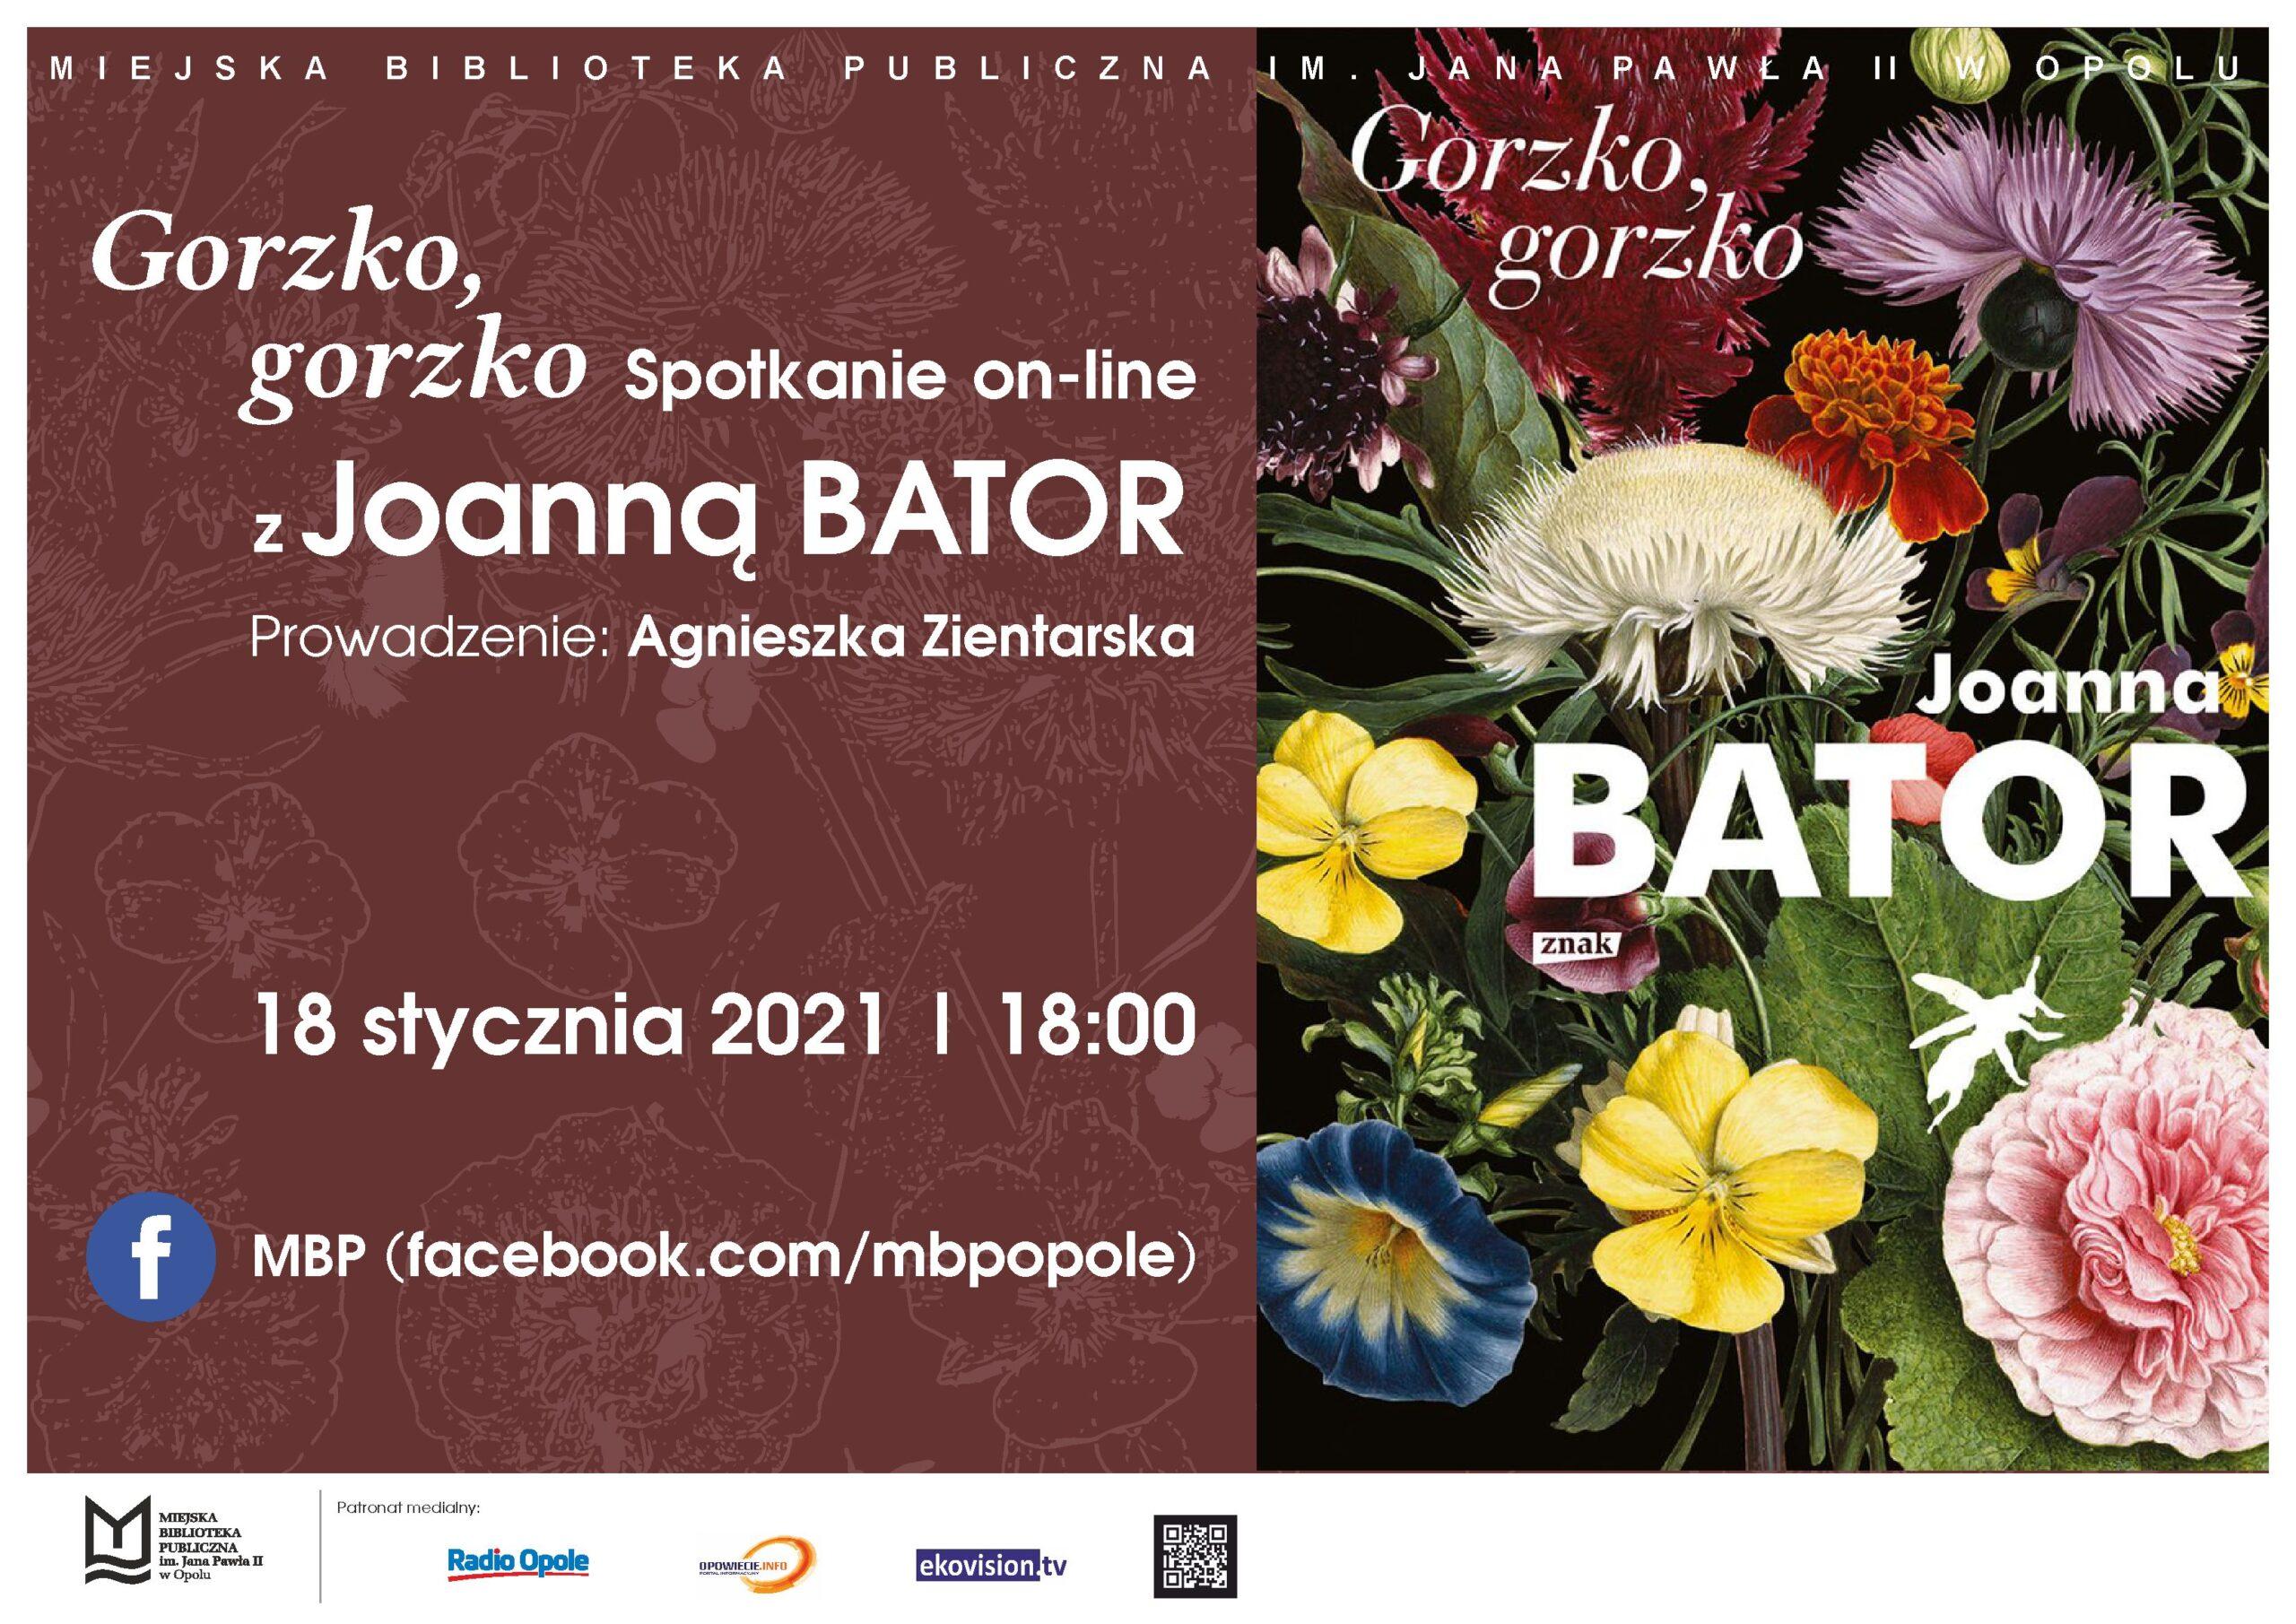 Gorzko, gorzko – spotkanie online z Joanną Bator